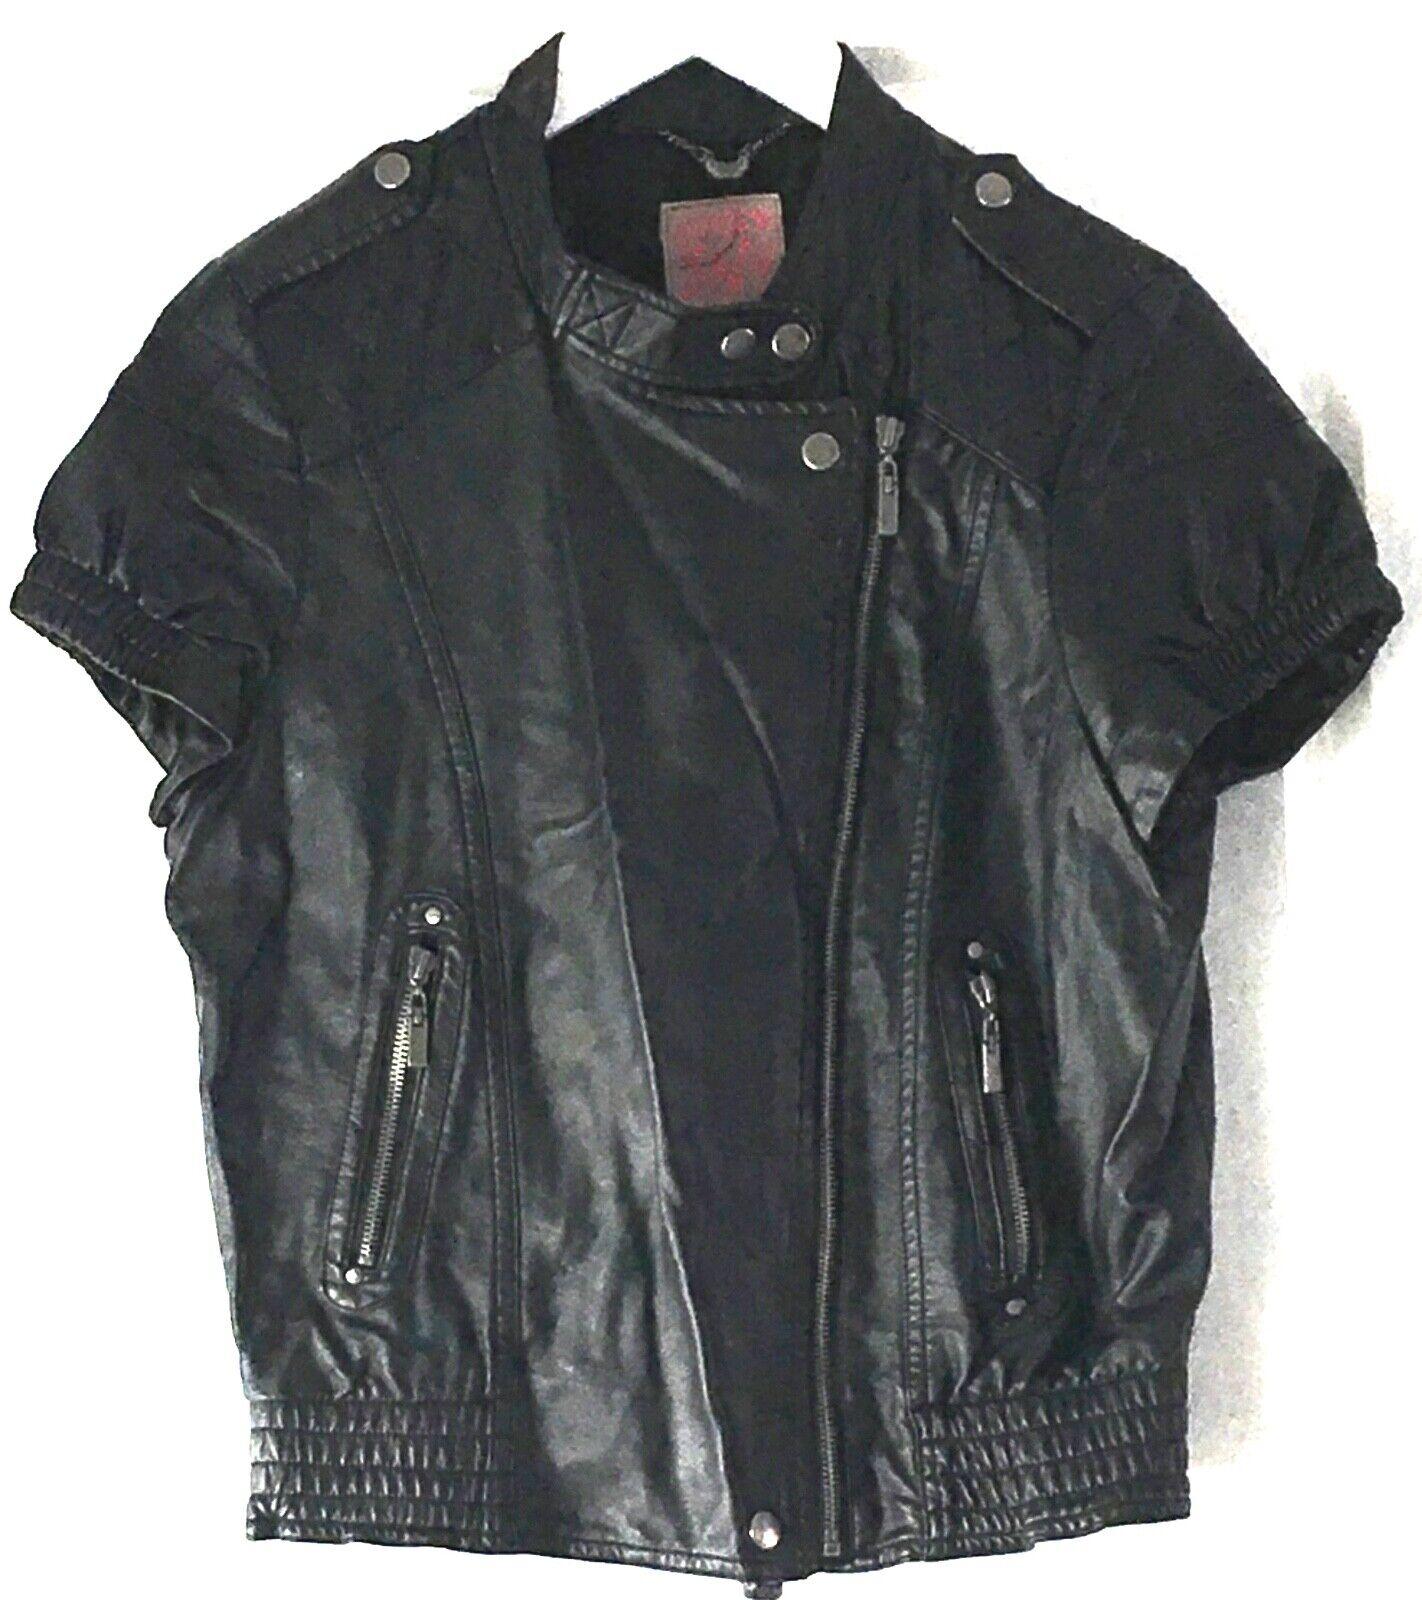 Veste blouson style perfecto manches courtes simili cuir noir rock biker 38